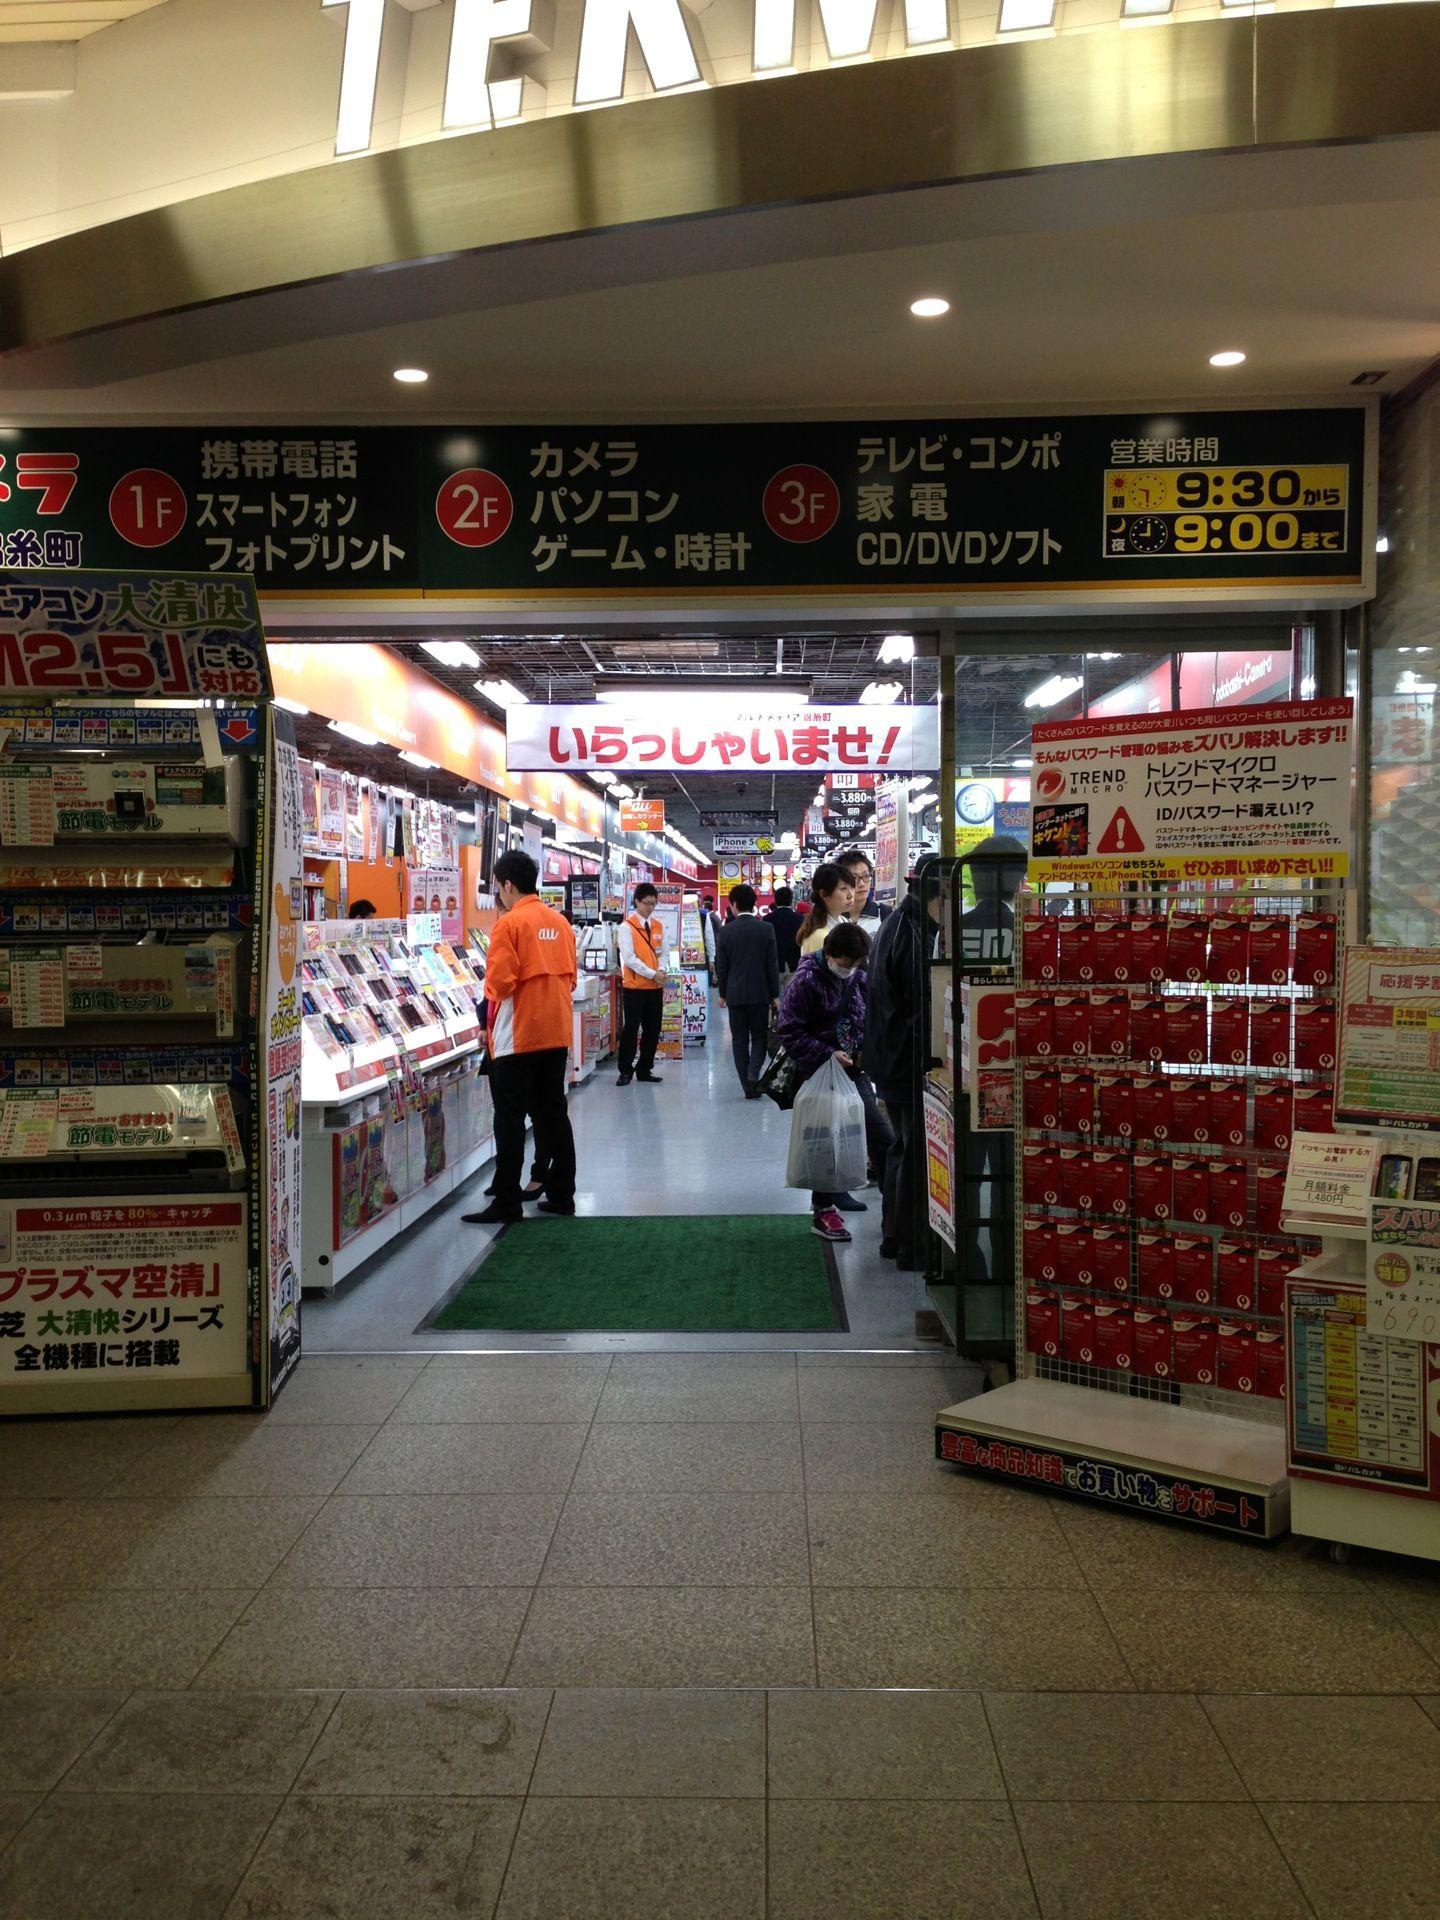 錦糸 ヨドバシ 町 カメラ 沿革:ヨドバシカメラ会社情報